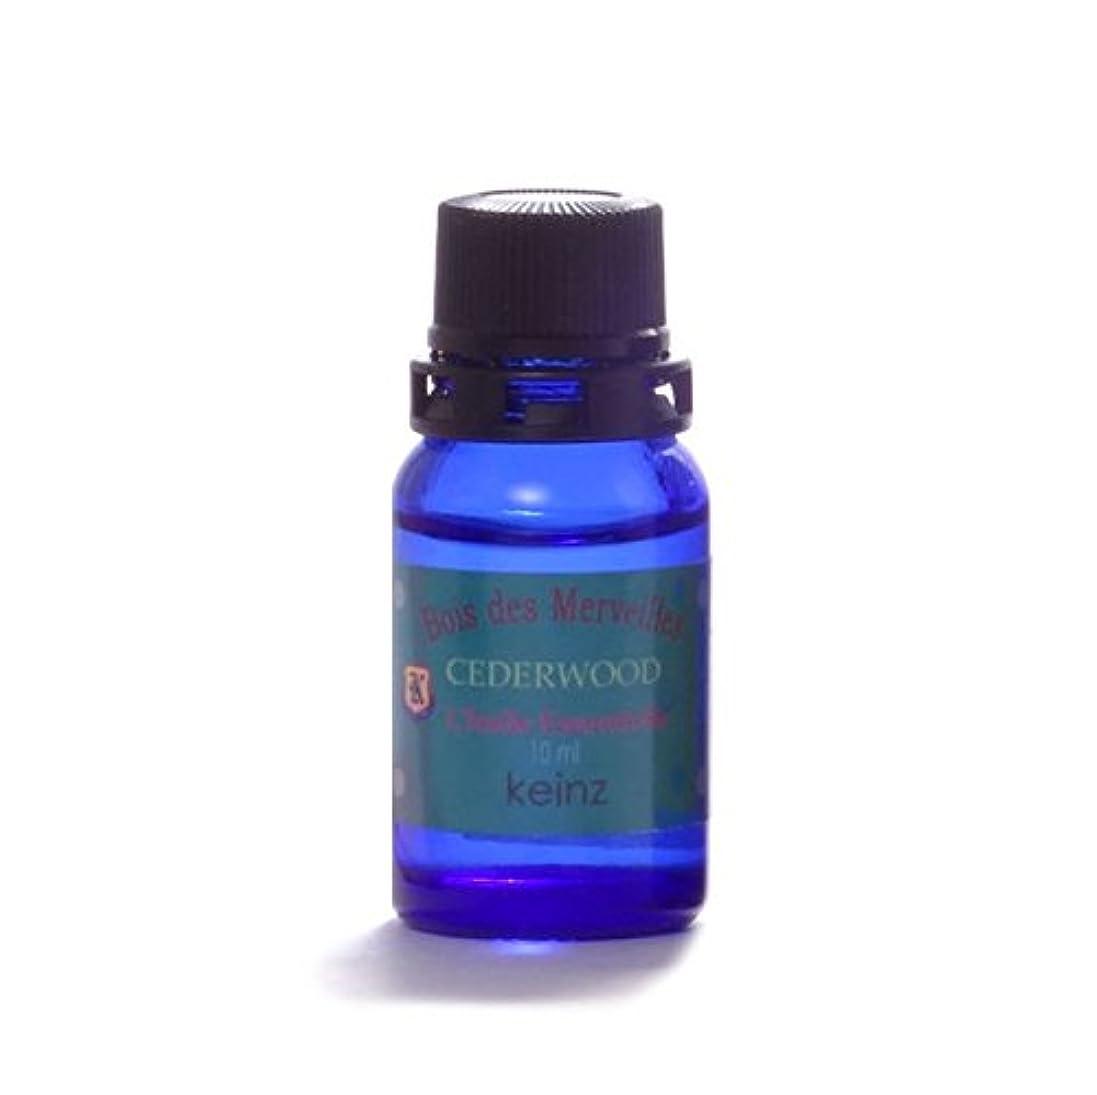 アナニバー現代ハイキングkeinzエッセンシャルオイル「シダーウッド10ml」 ケインズ正規品 製造国アメリカ 完全無添加 人工香料は使用していません。